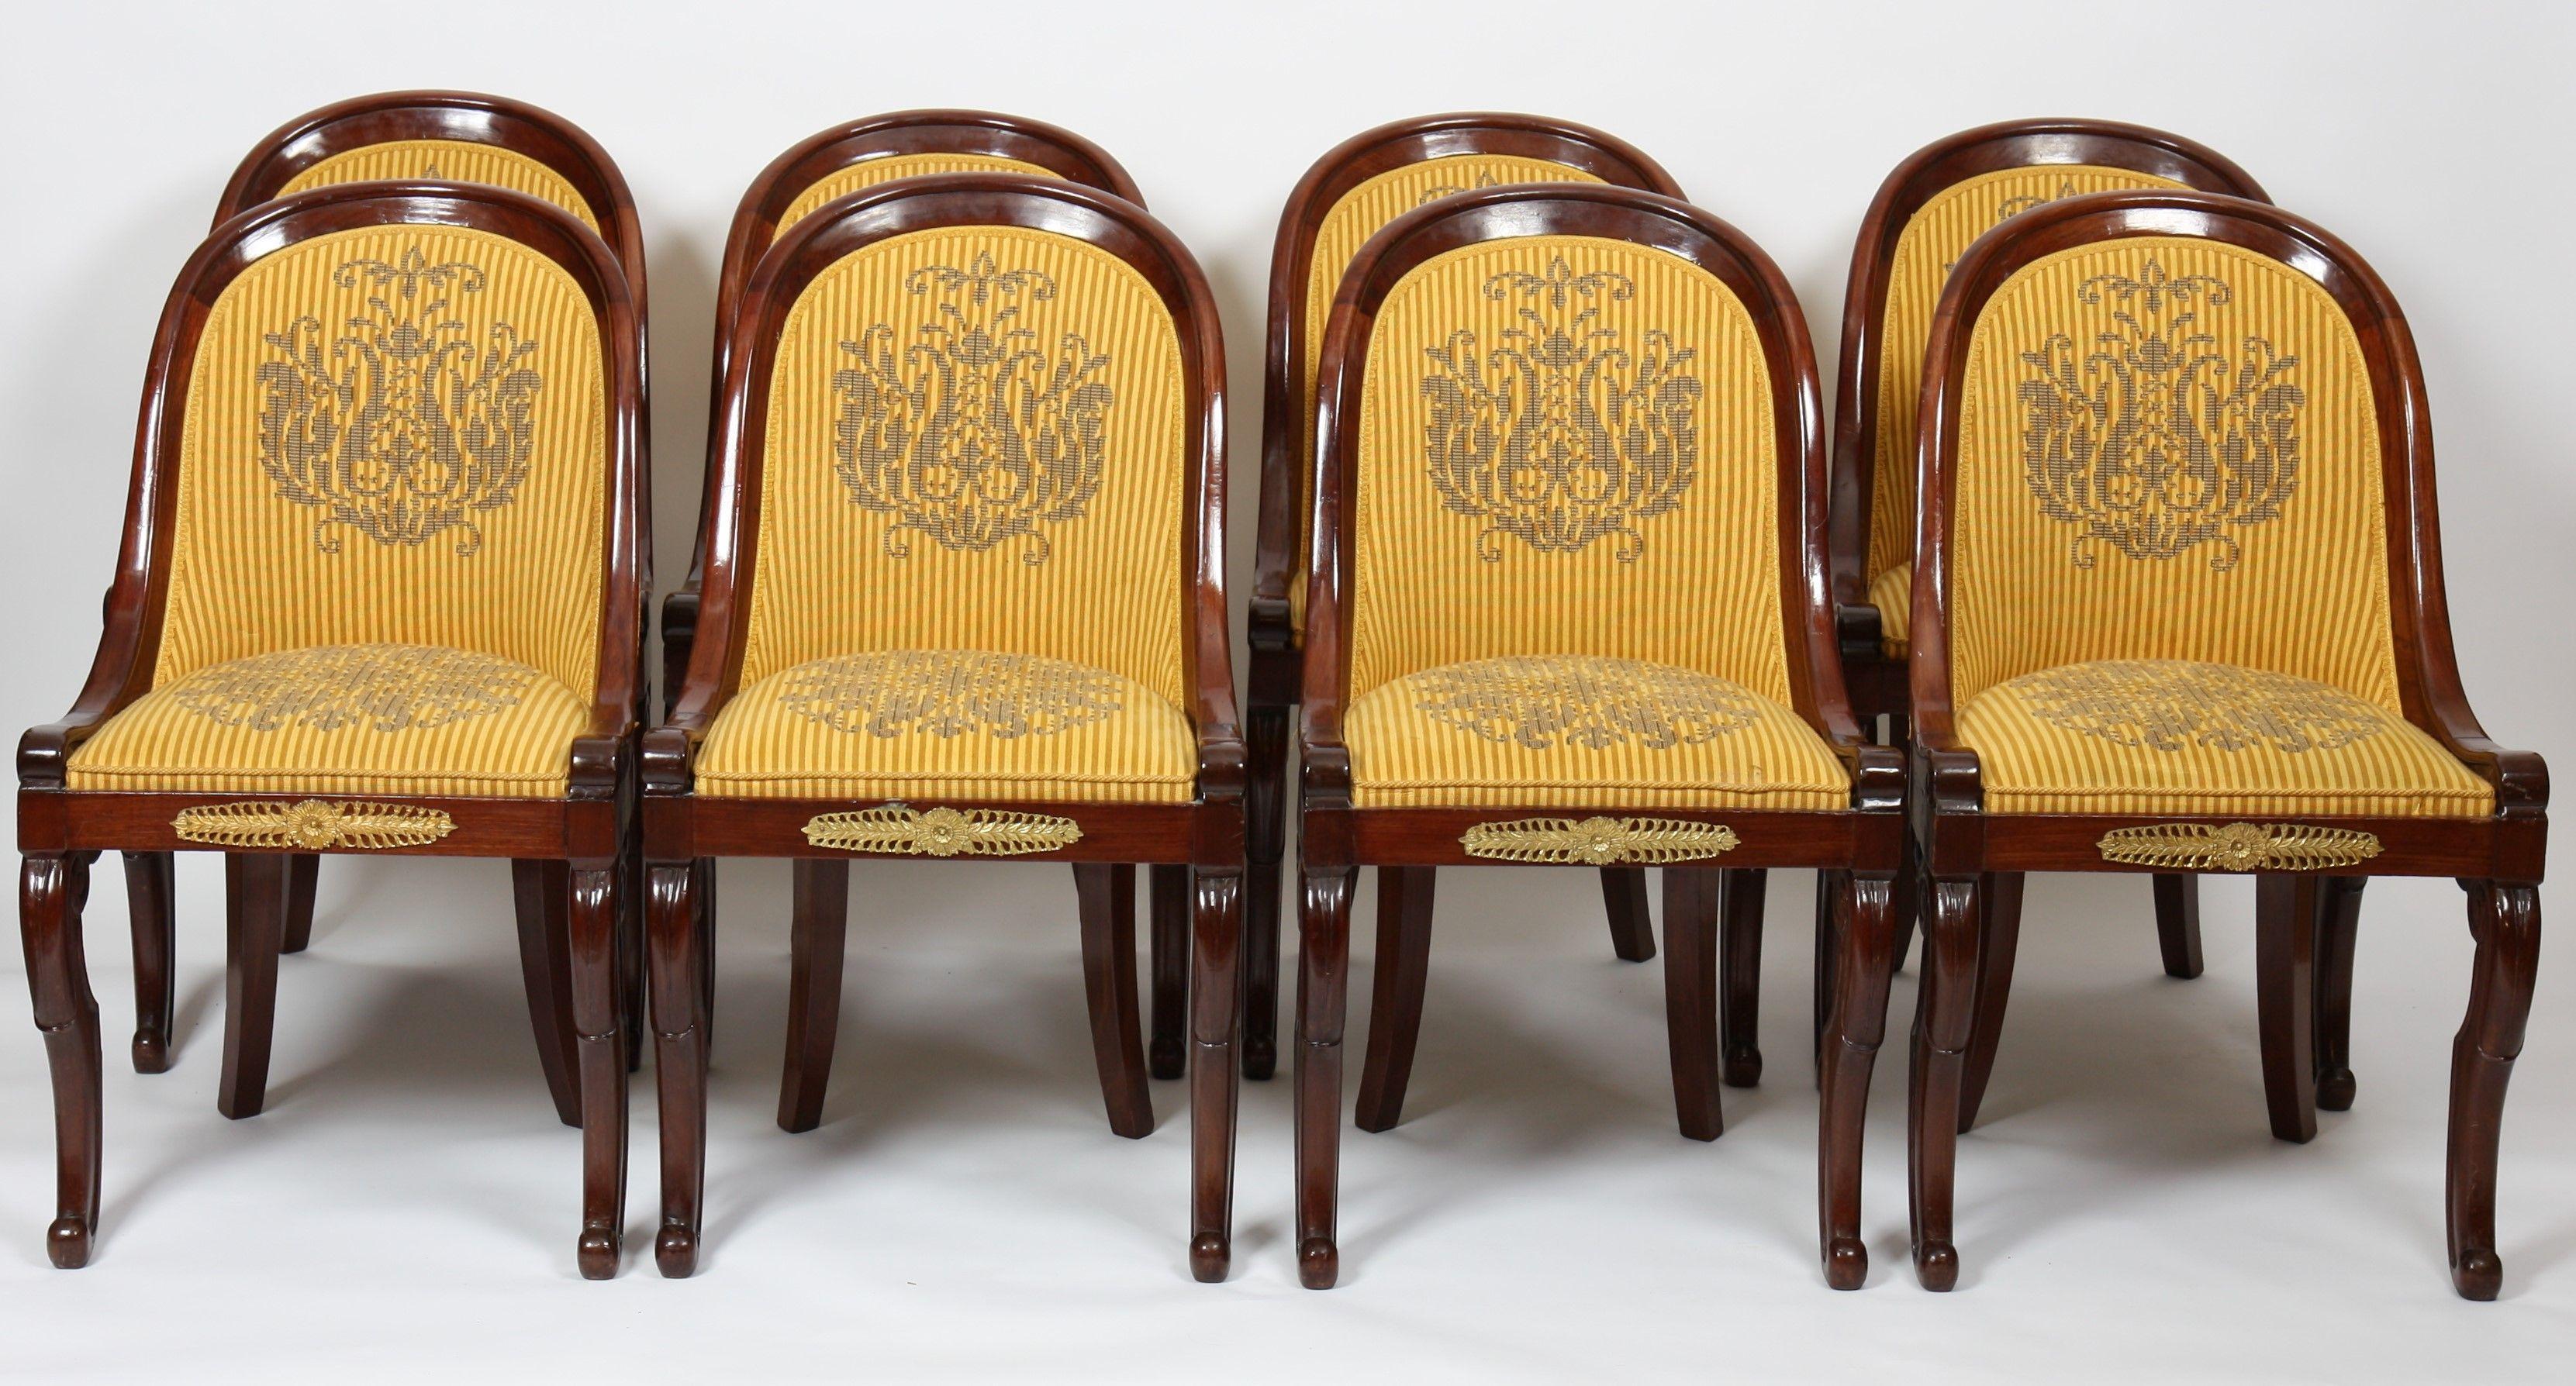 Suite De Huit Chaises Gondoles En Acajou En Acajou Et Placage D Acajou A Ceinture Tres Grande Vente De Prestige Au Chateau De Til Acajou Chaise Placage